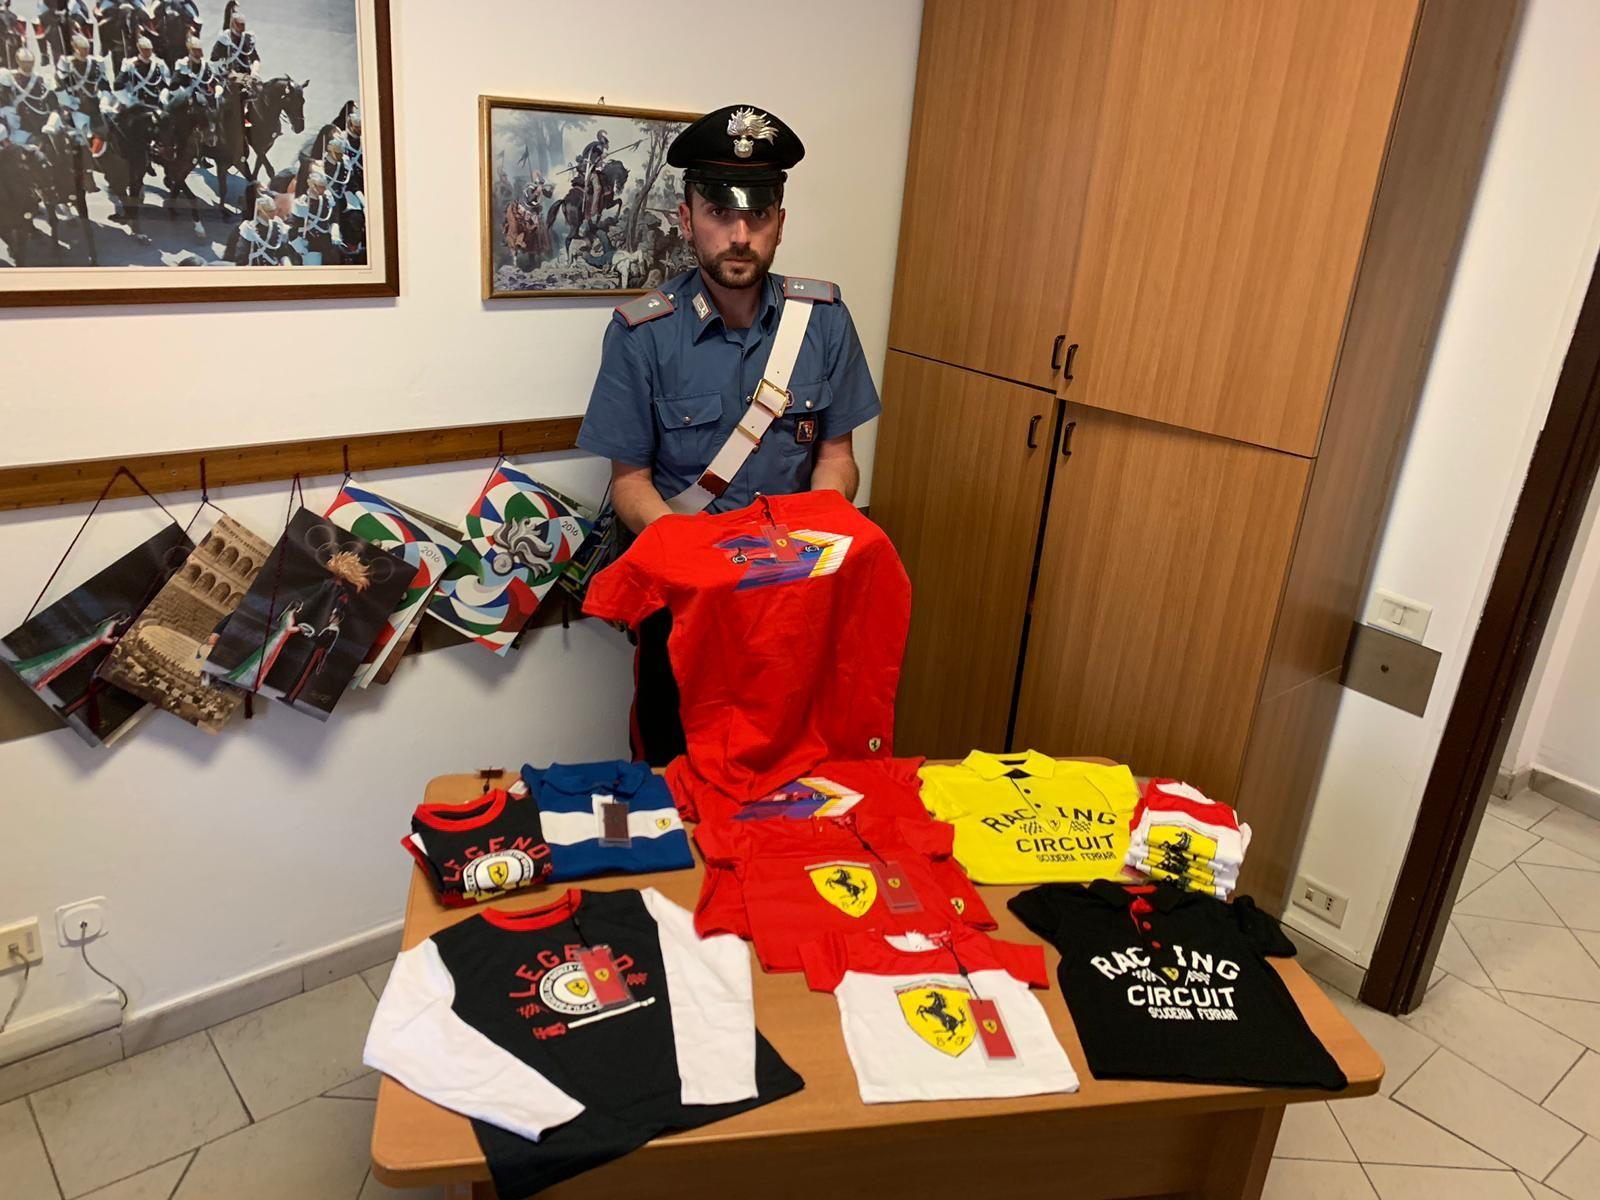 LEINI - Maglie della scuderia Ferrari rubate: tre denunciati